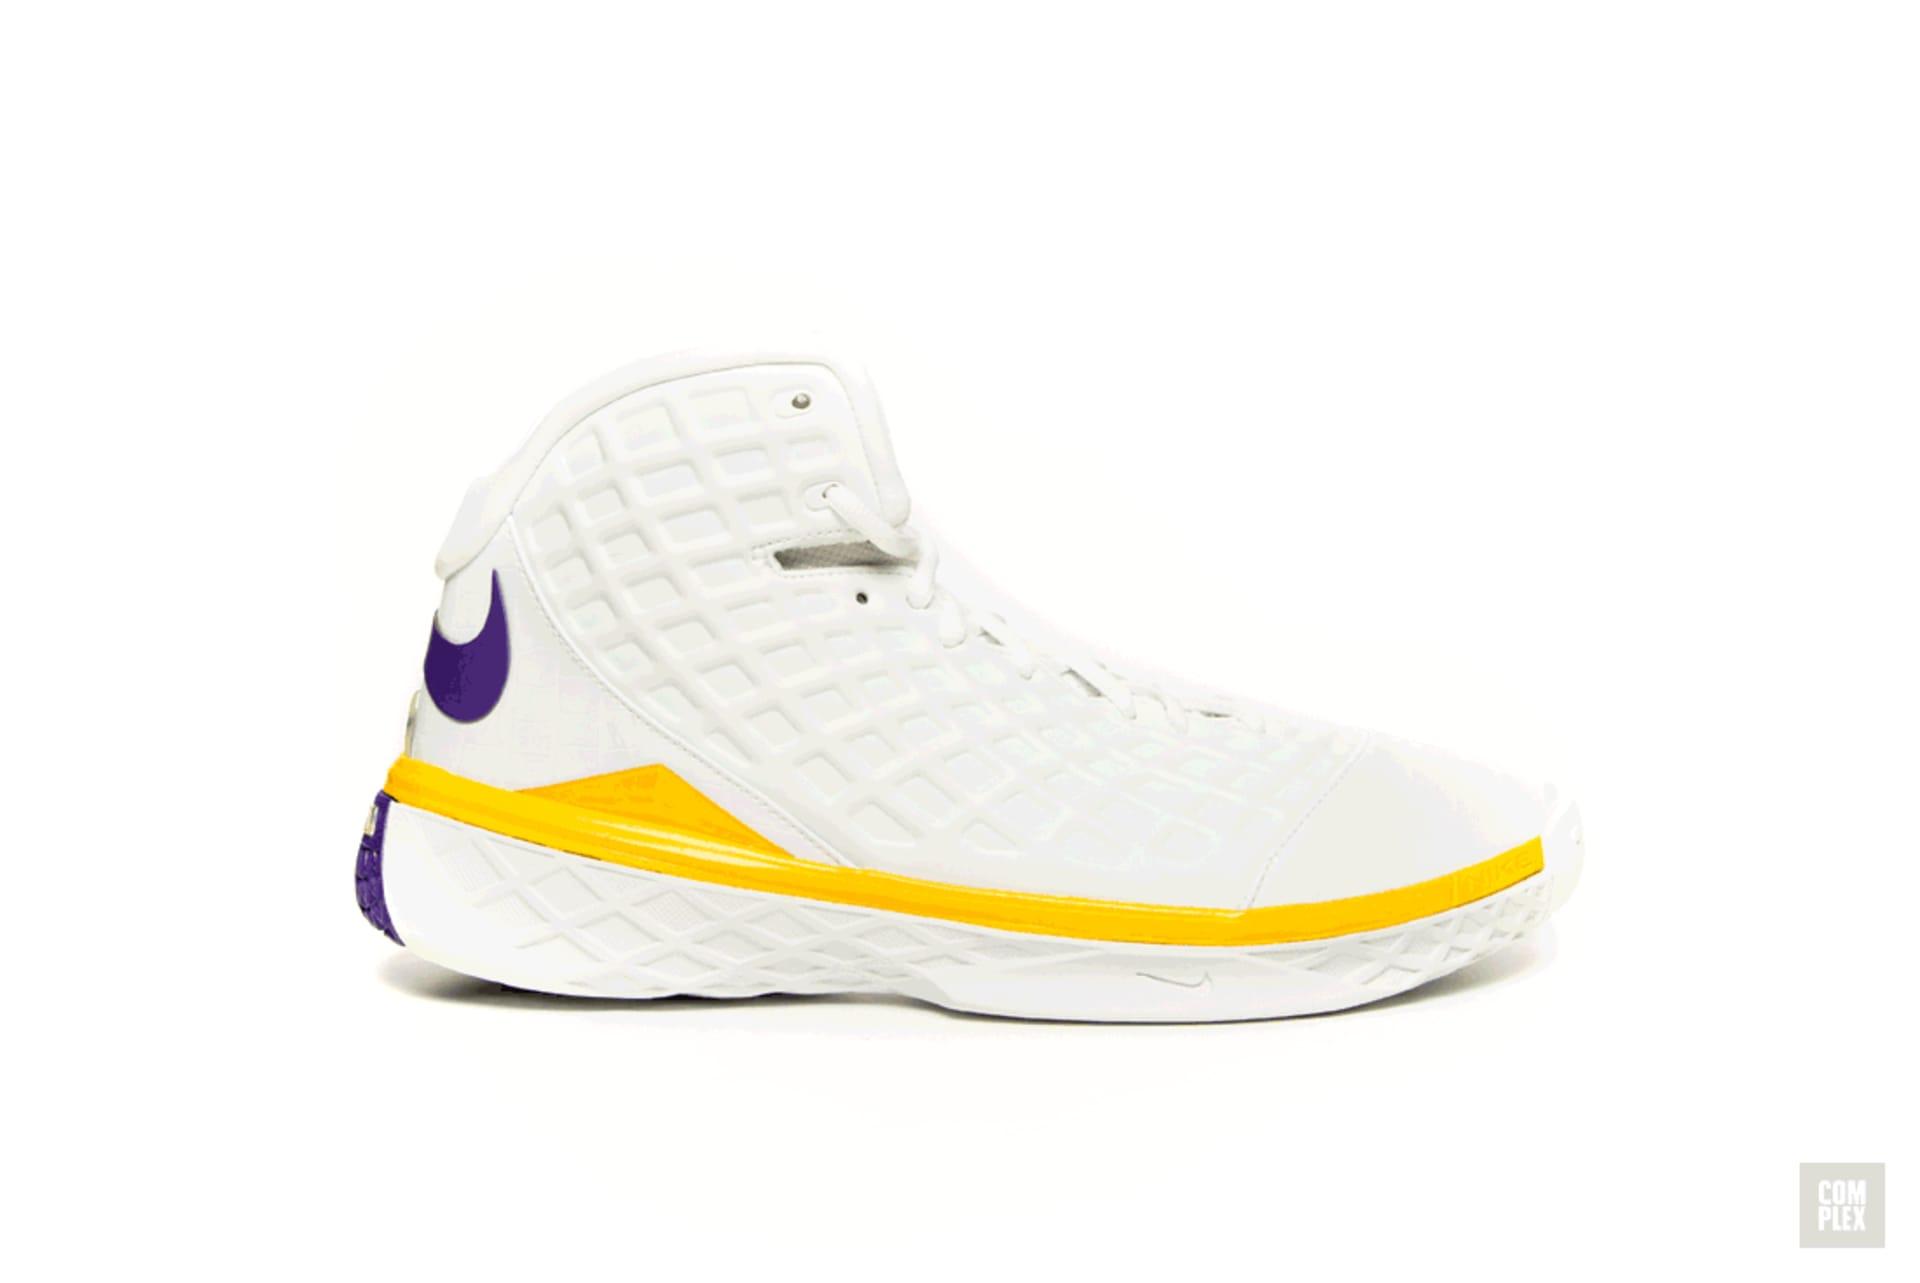 on sale 9cddf a4e4f Kobe Bryant Signature Sneaker Design Evolution   Complex